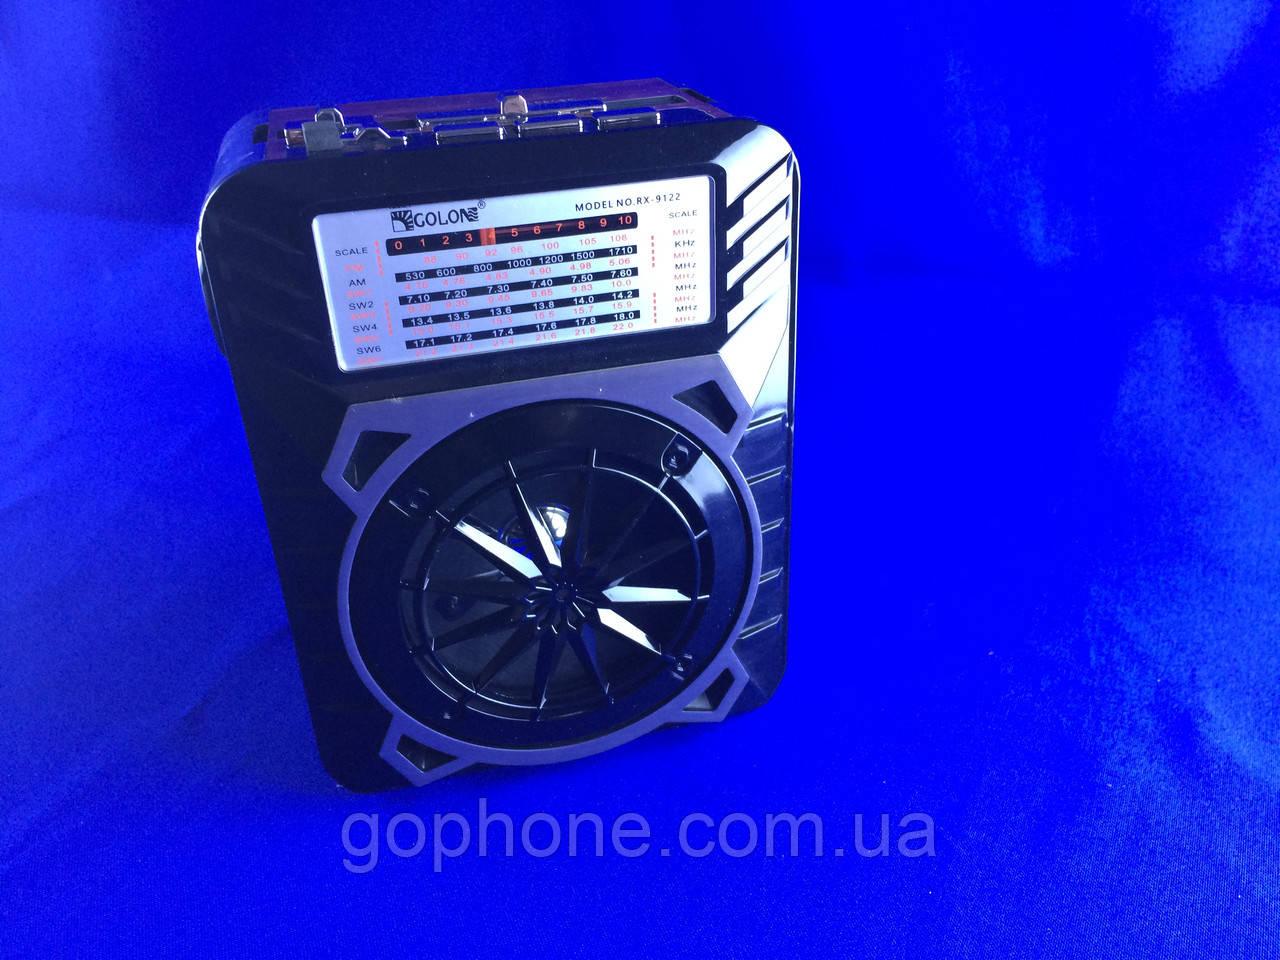 Качественный Радиоприемник GOLON RX-9122 Синий